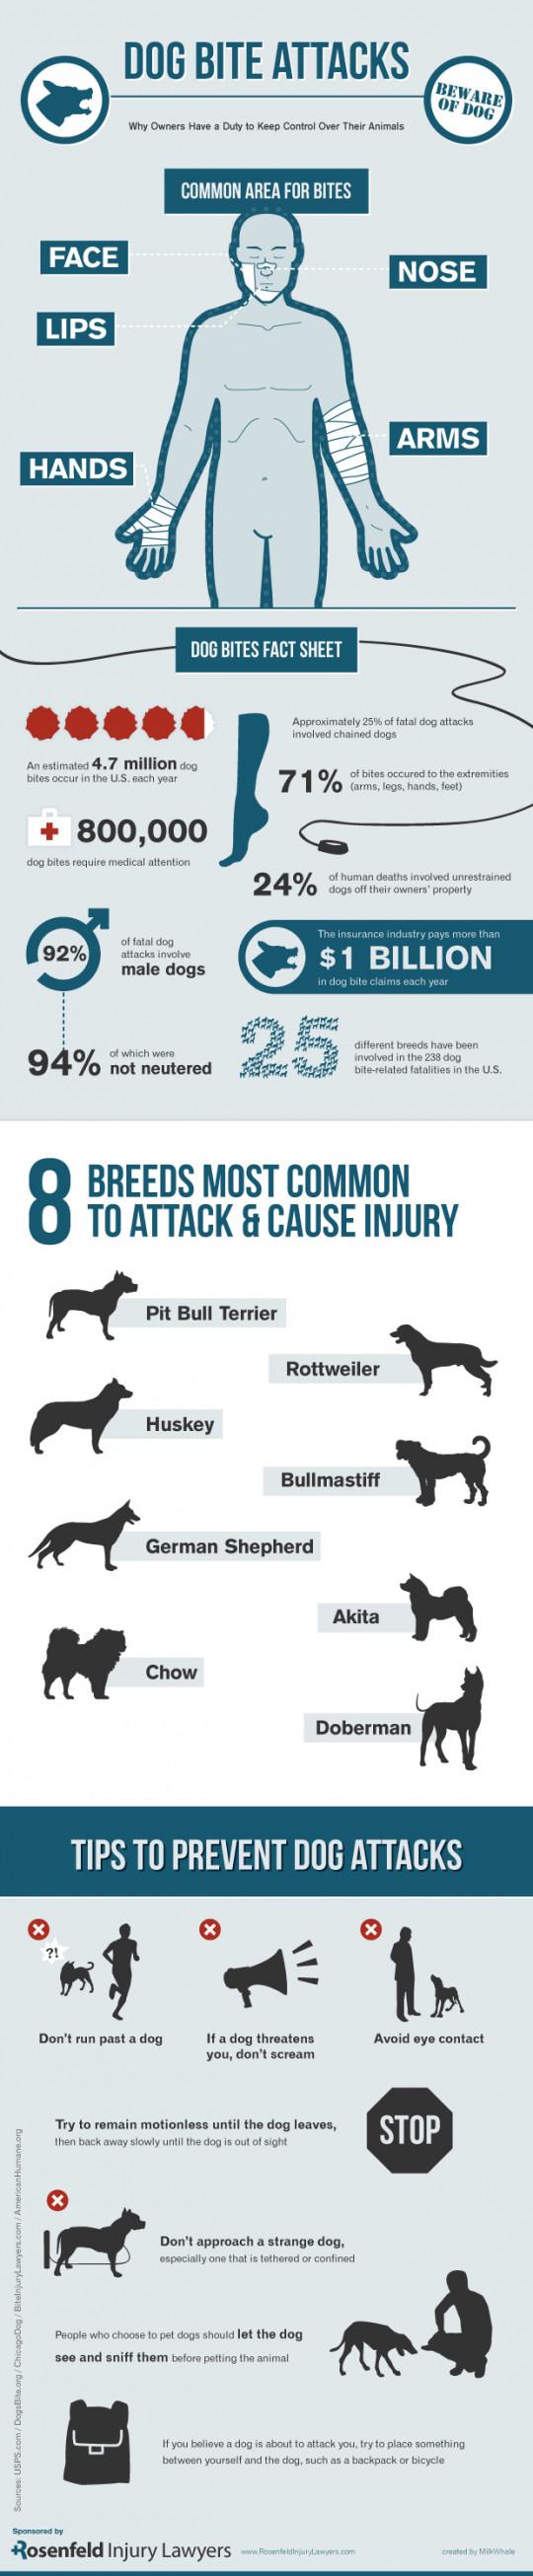 Dog Bite Attacks